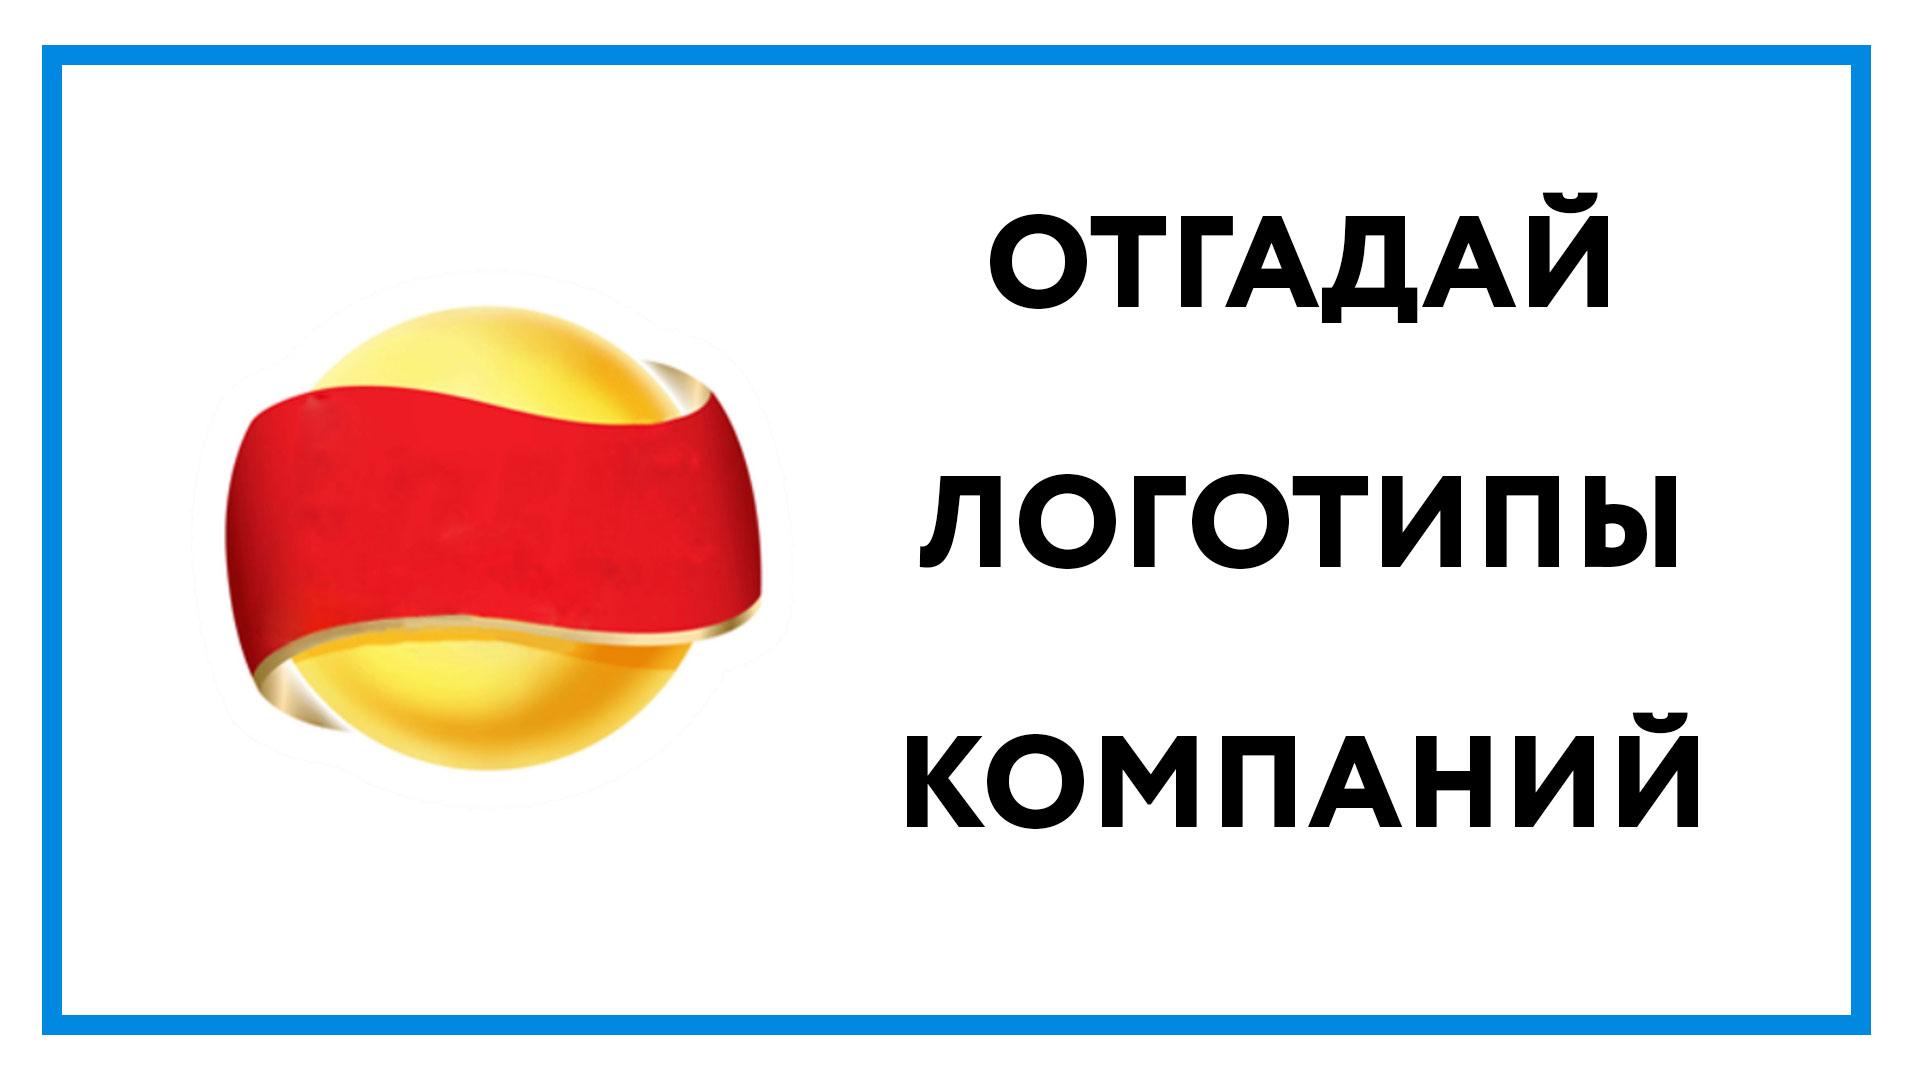 логотипы-компаний-игра.jpg